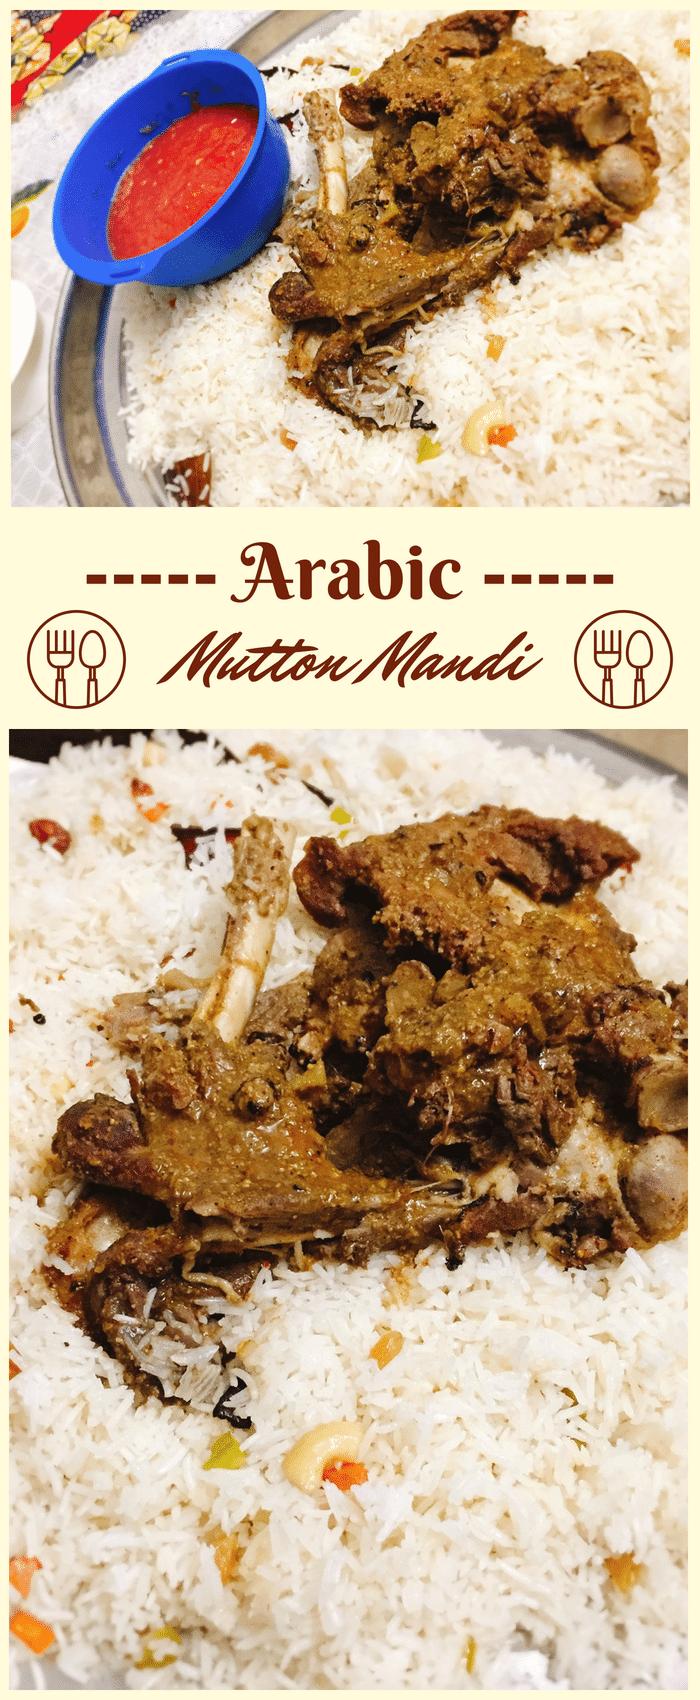 Mutton Mandi